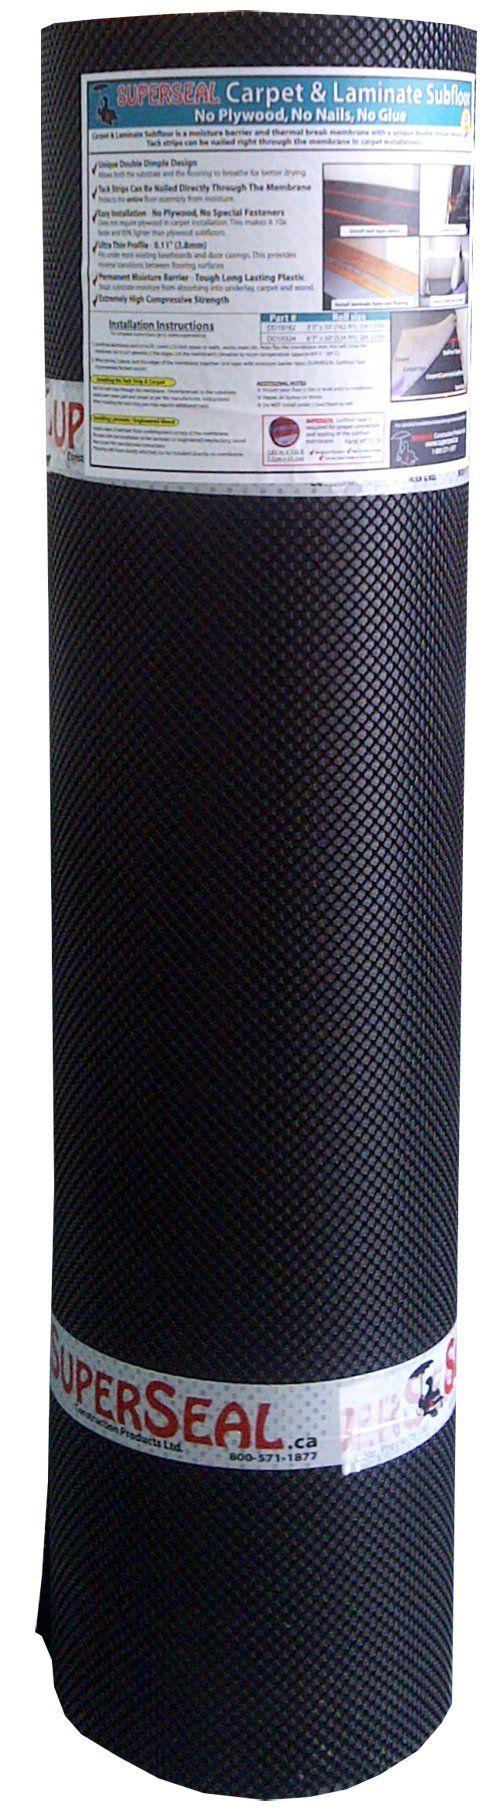 SUPERSEAL Carpet & Laminate Subfloor Underlayment 324 ft²